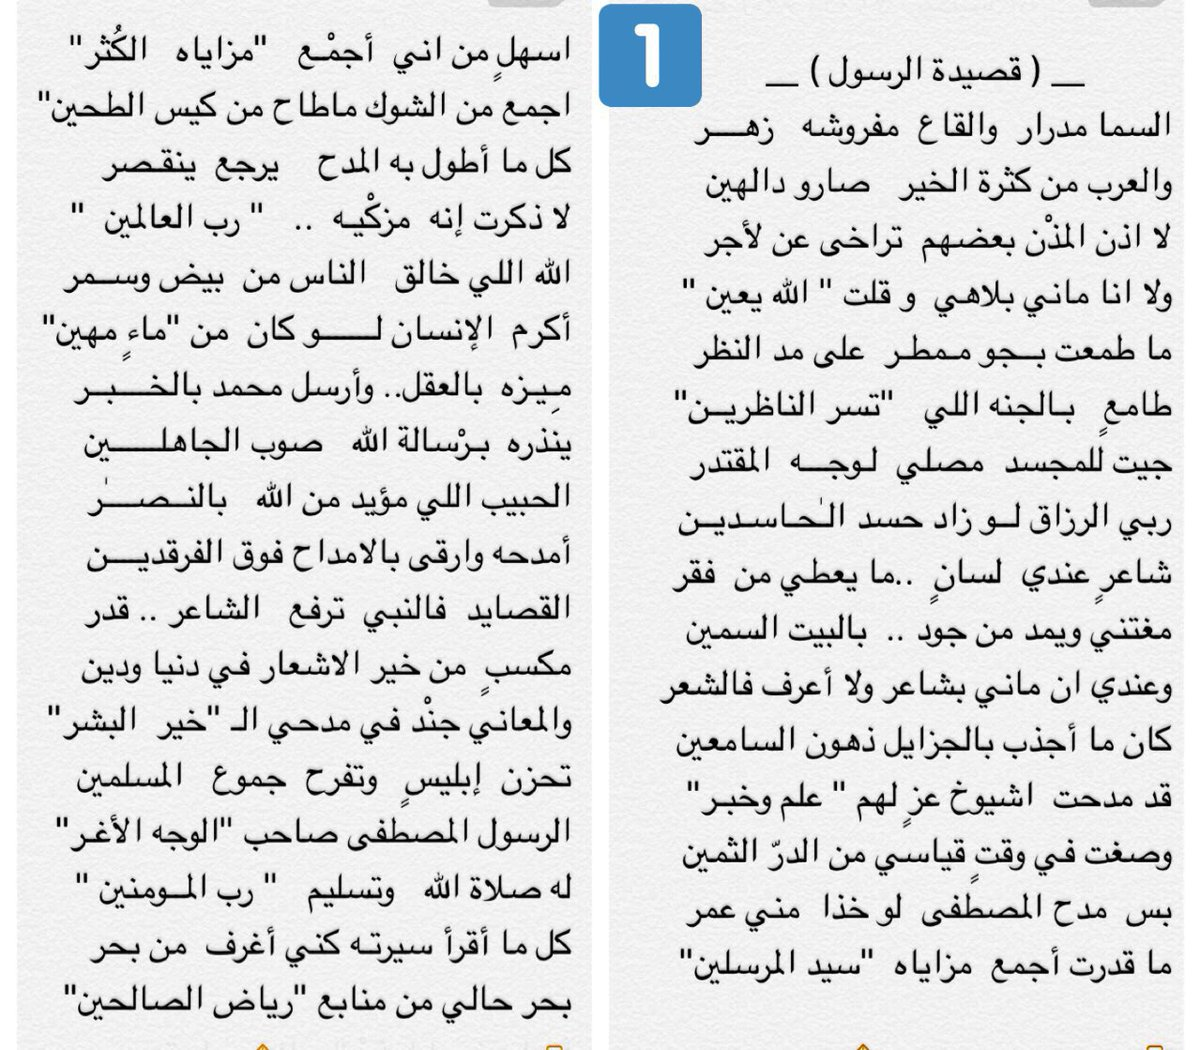 بالصور اناشيد نبوية مكتوبة , اشعار في حب النبي محمد 386 7